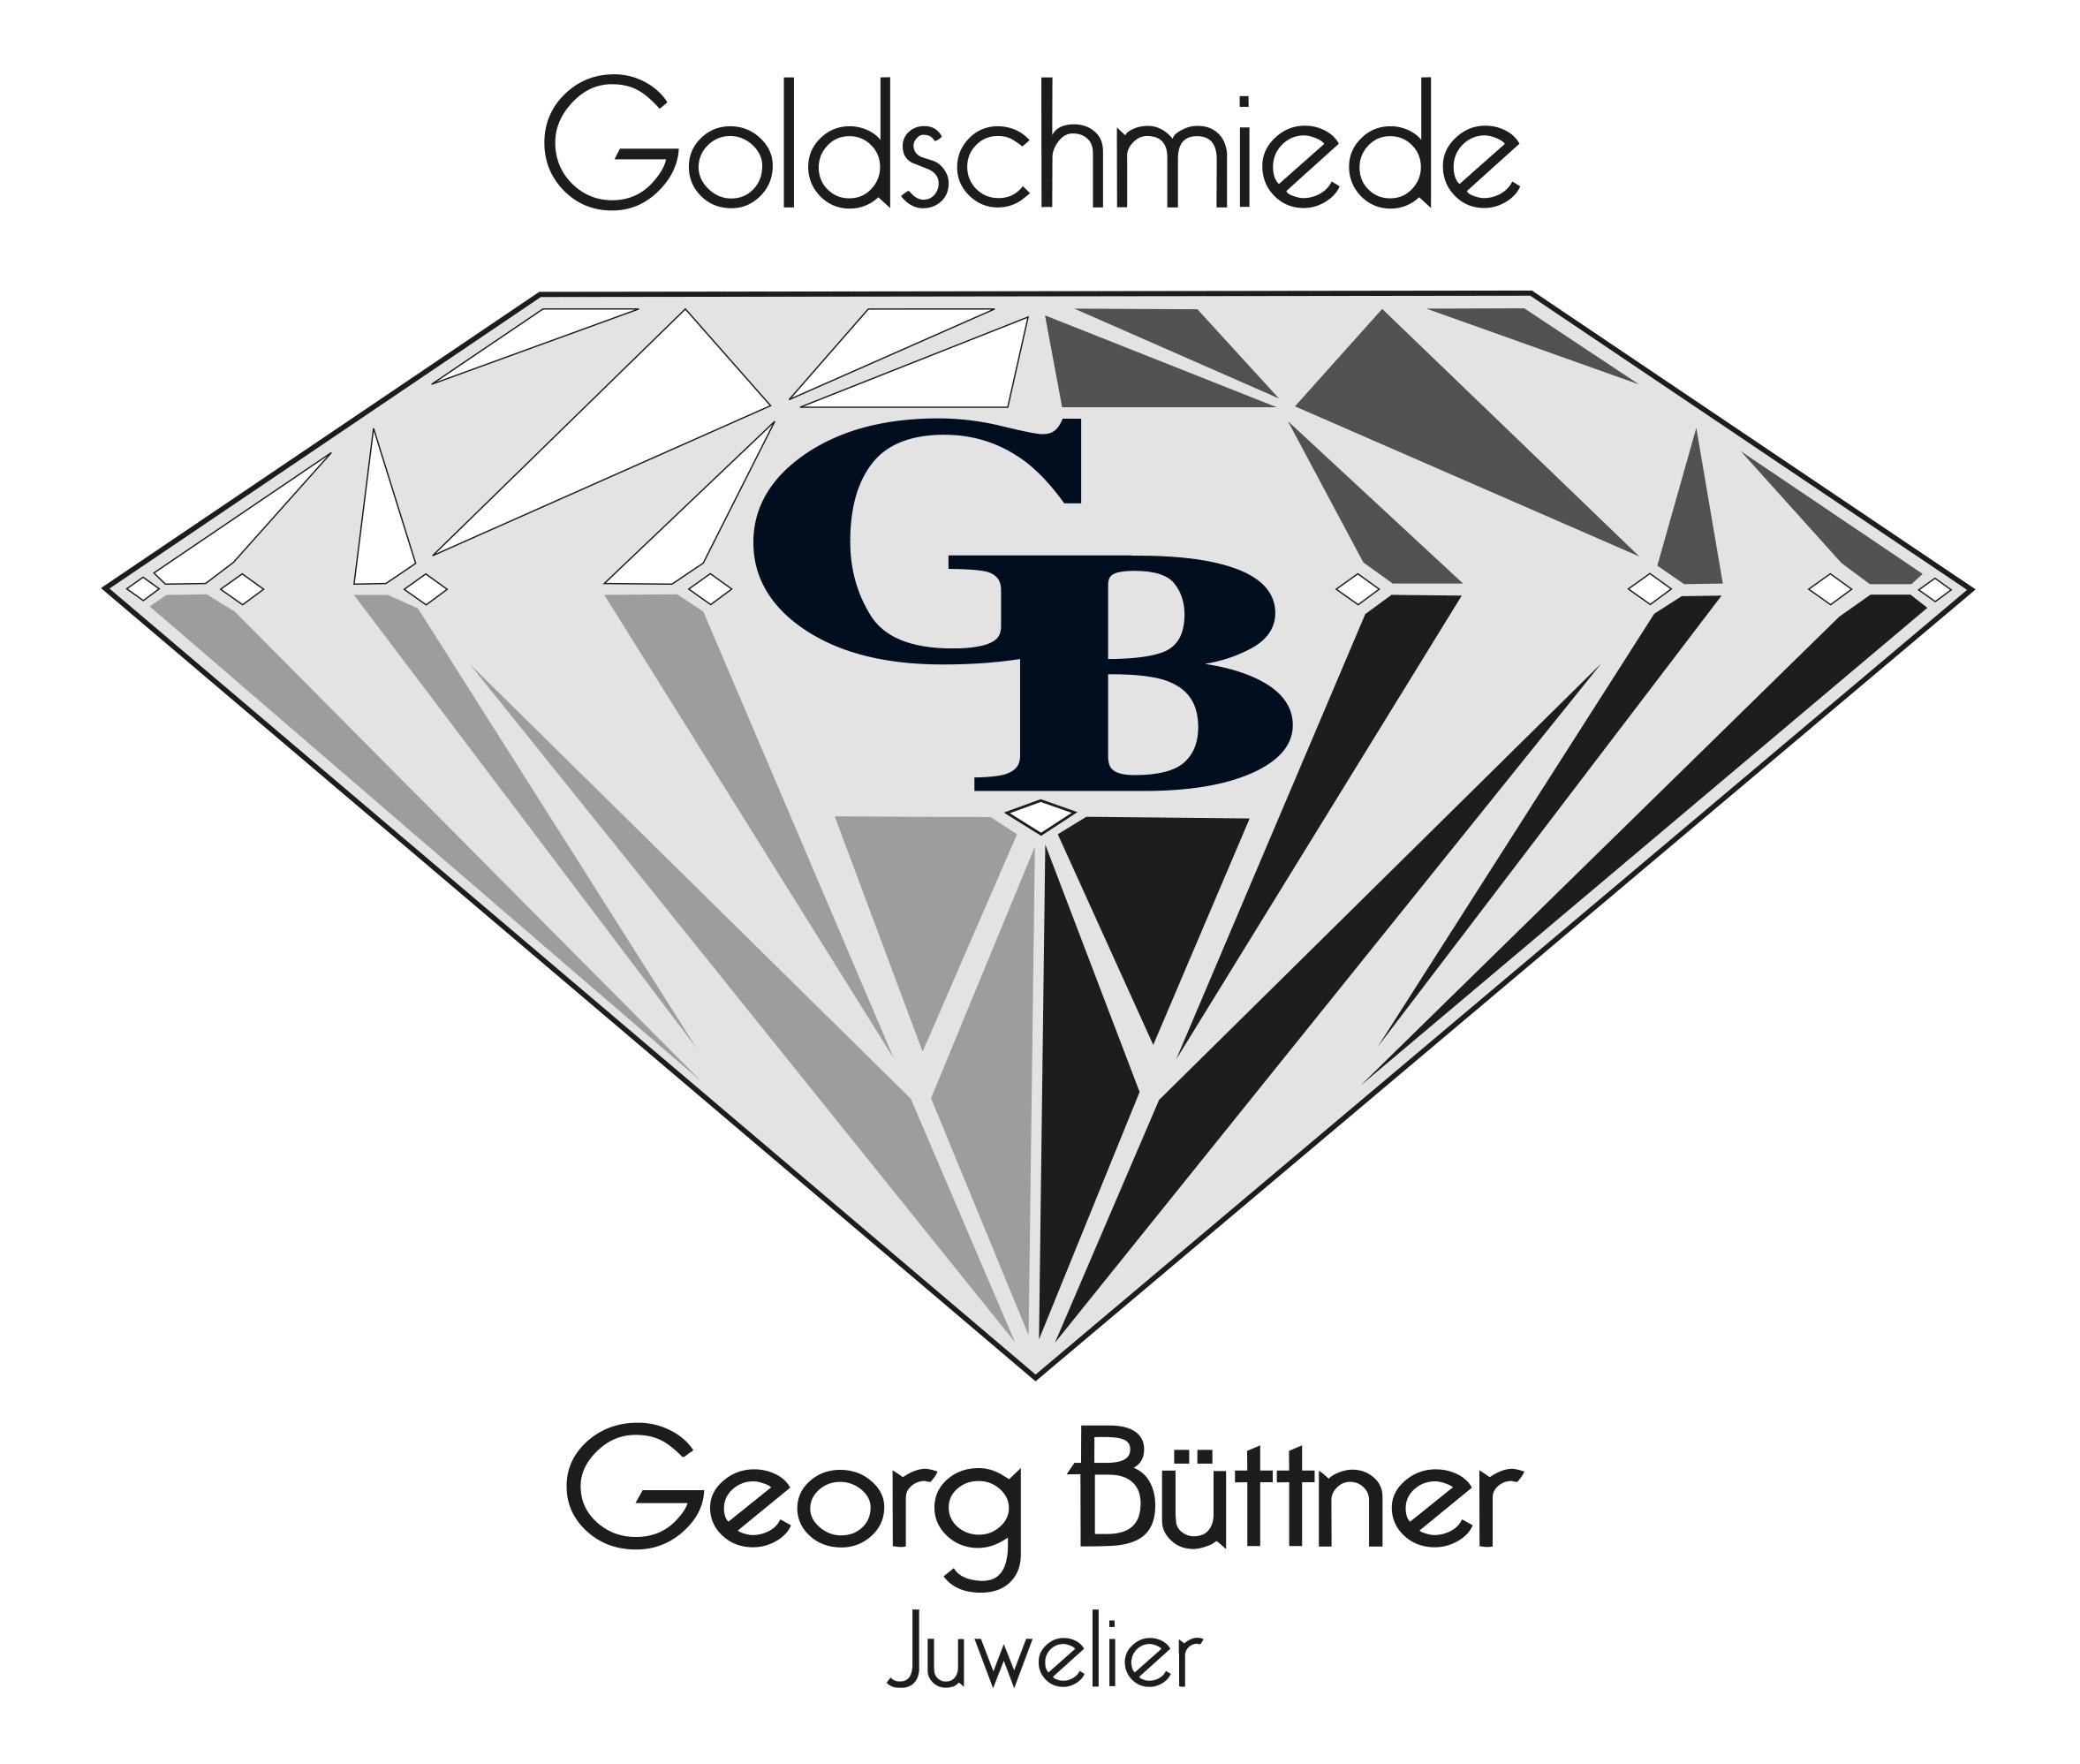 Goldschmiede Georg Büttner